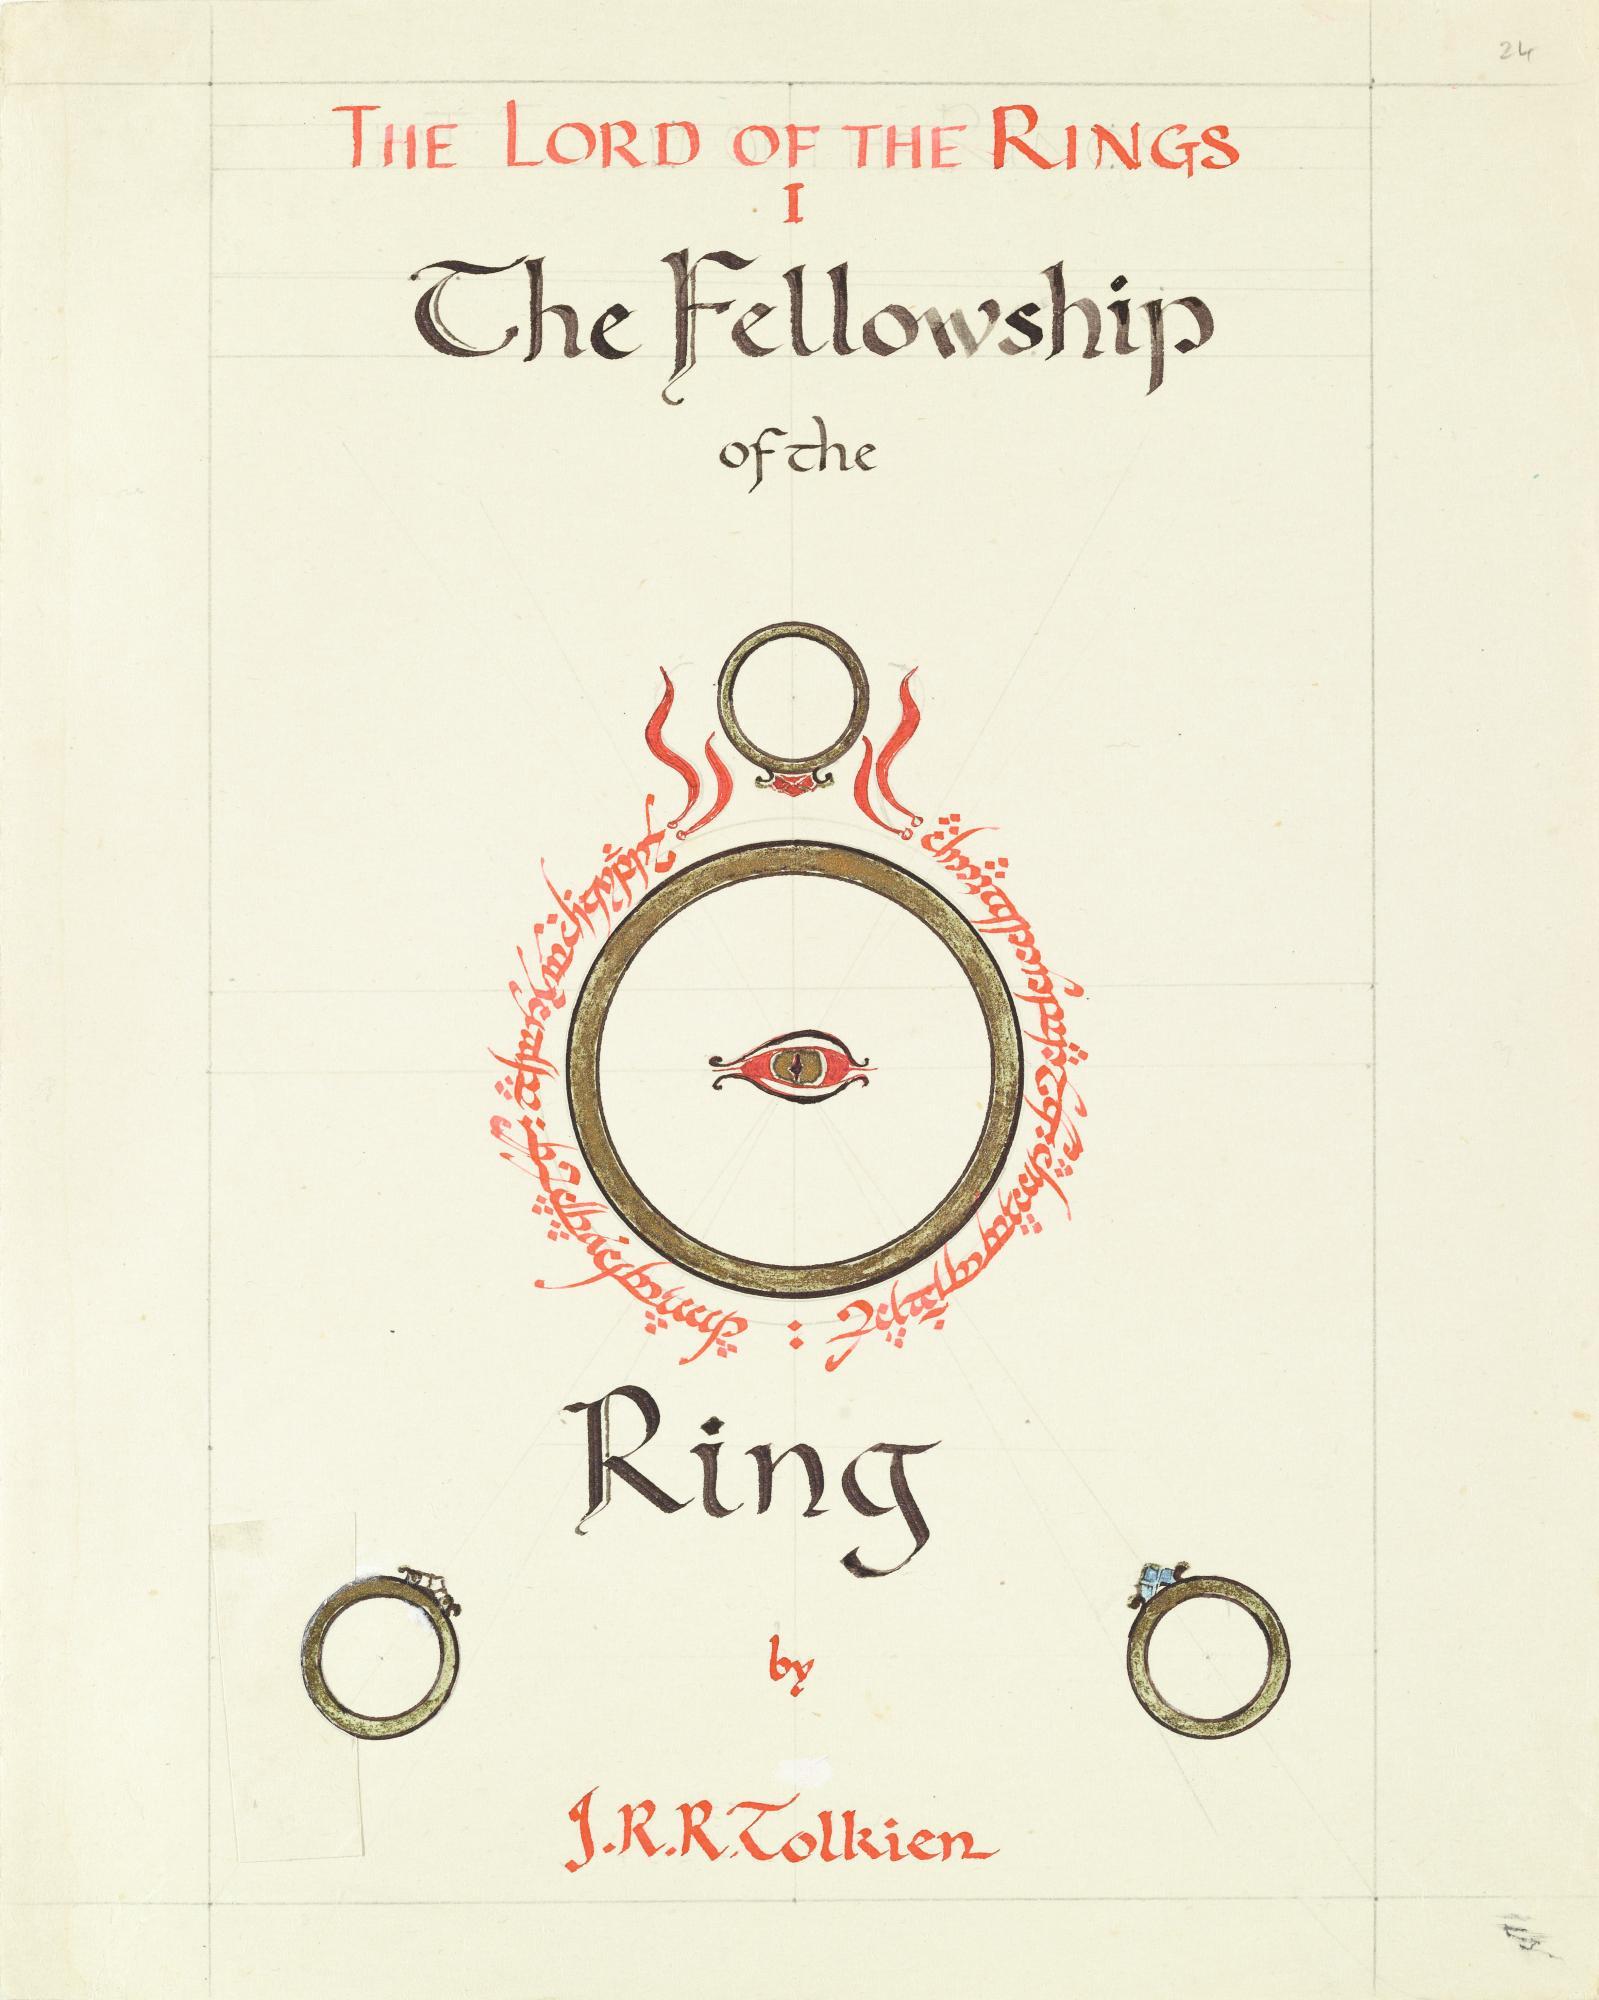 トールキンがデザインした『旅の仲間』のカバー・イラスト(3)